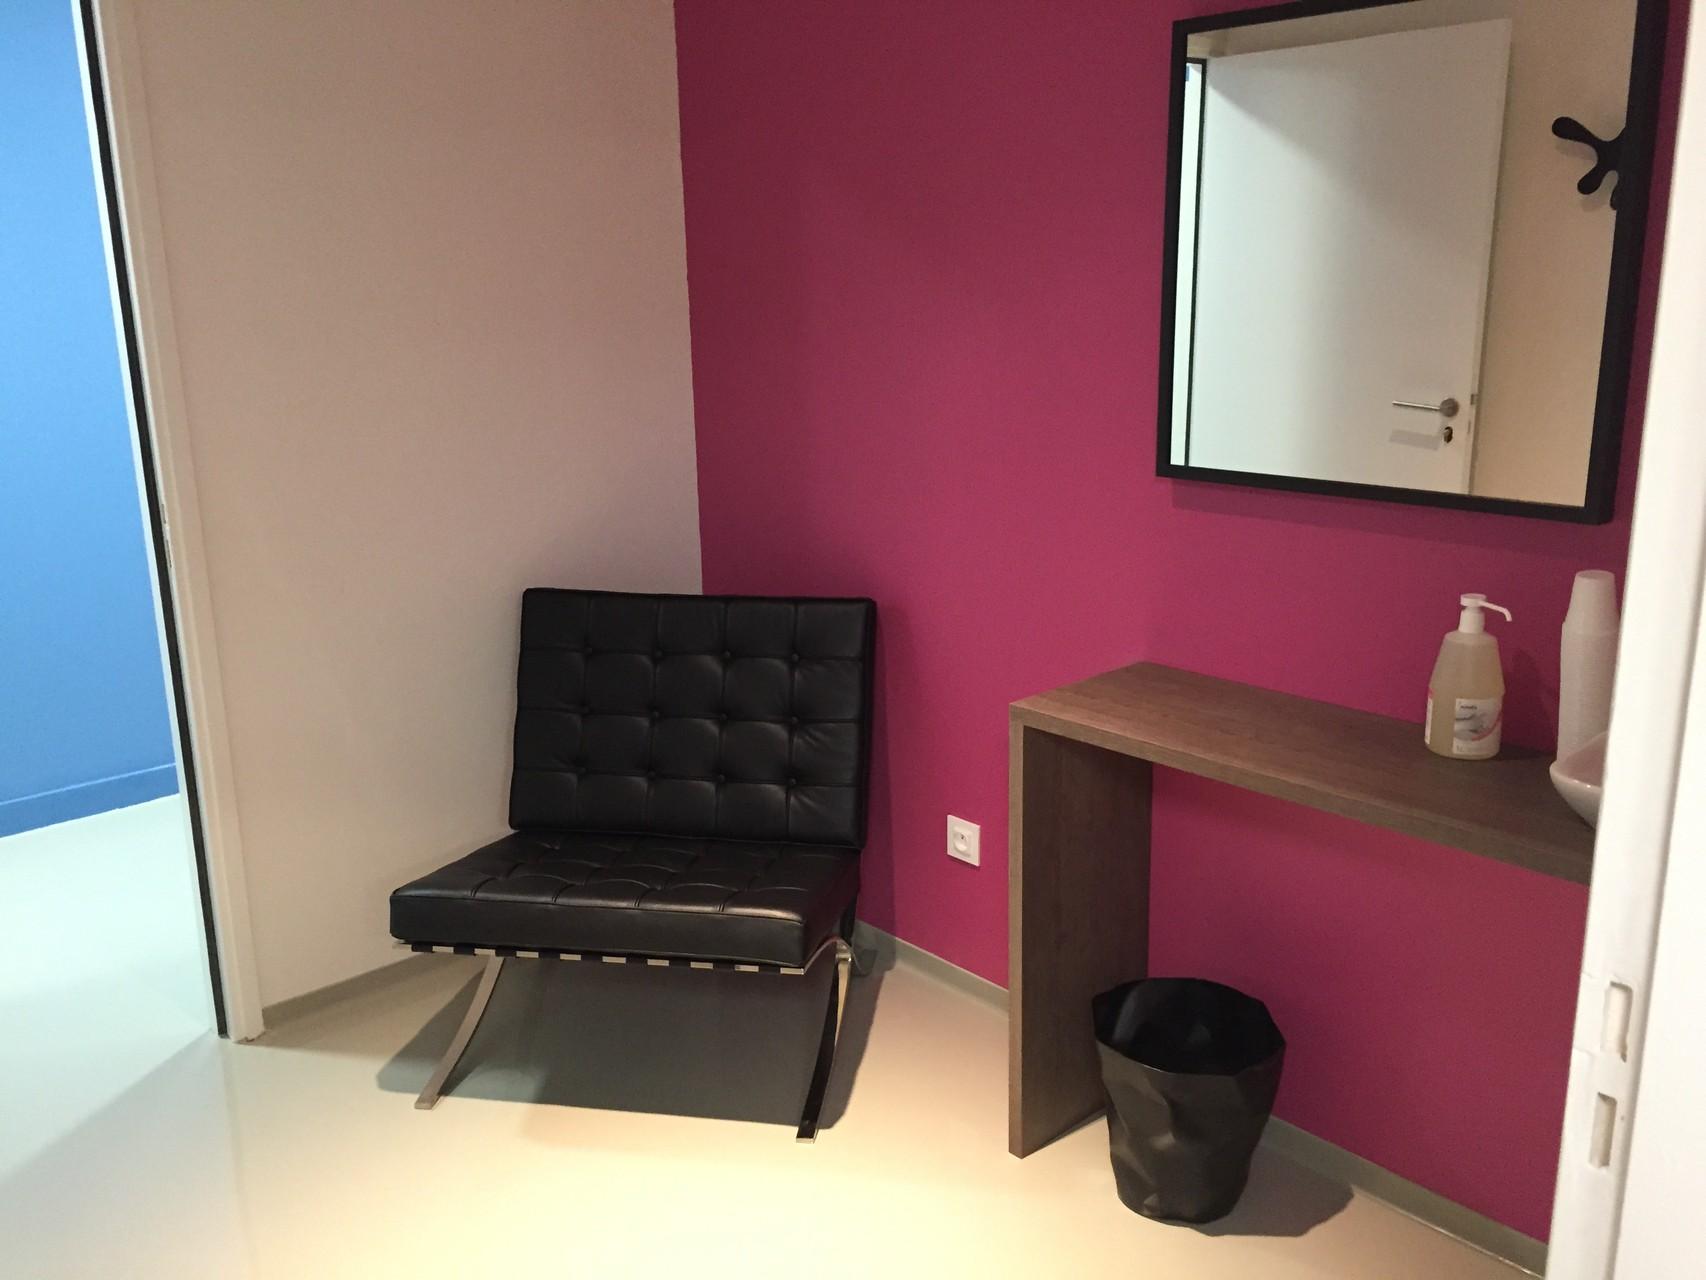 le cabinet cabinet de chirurgie implantologie vannes morbihan. Black Bedroom Furniture Sets. Home Design Ideas